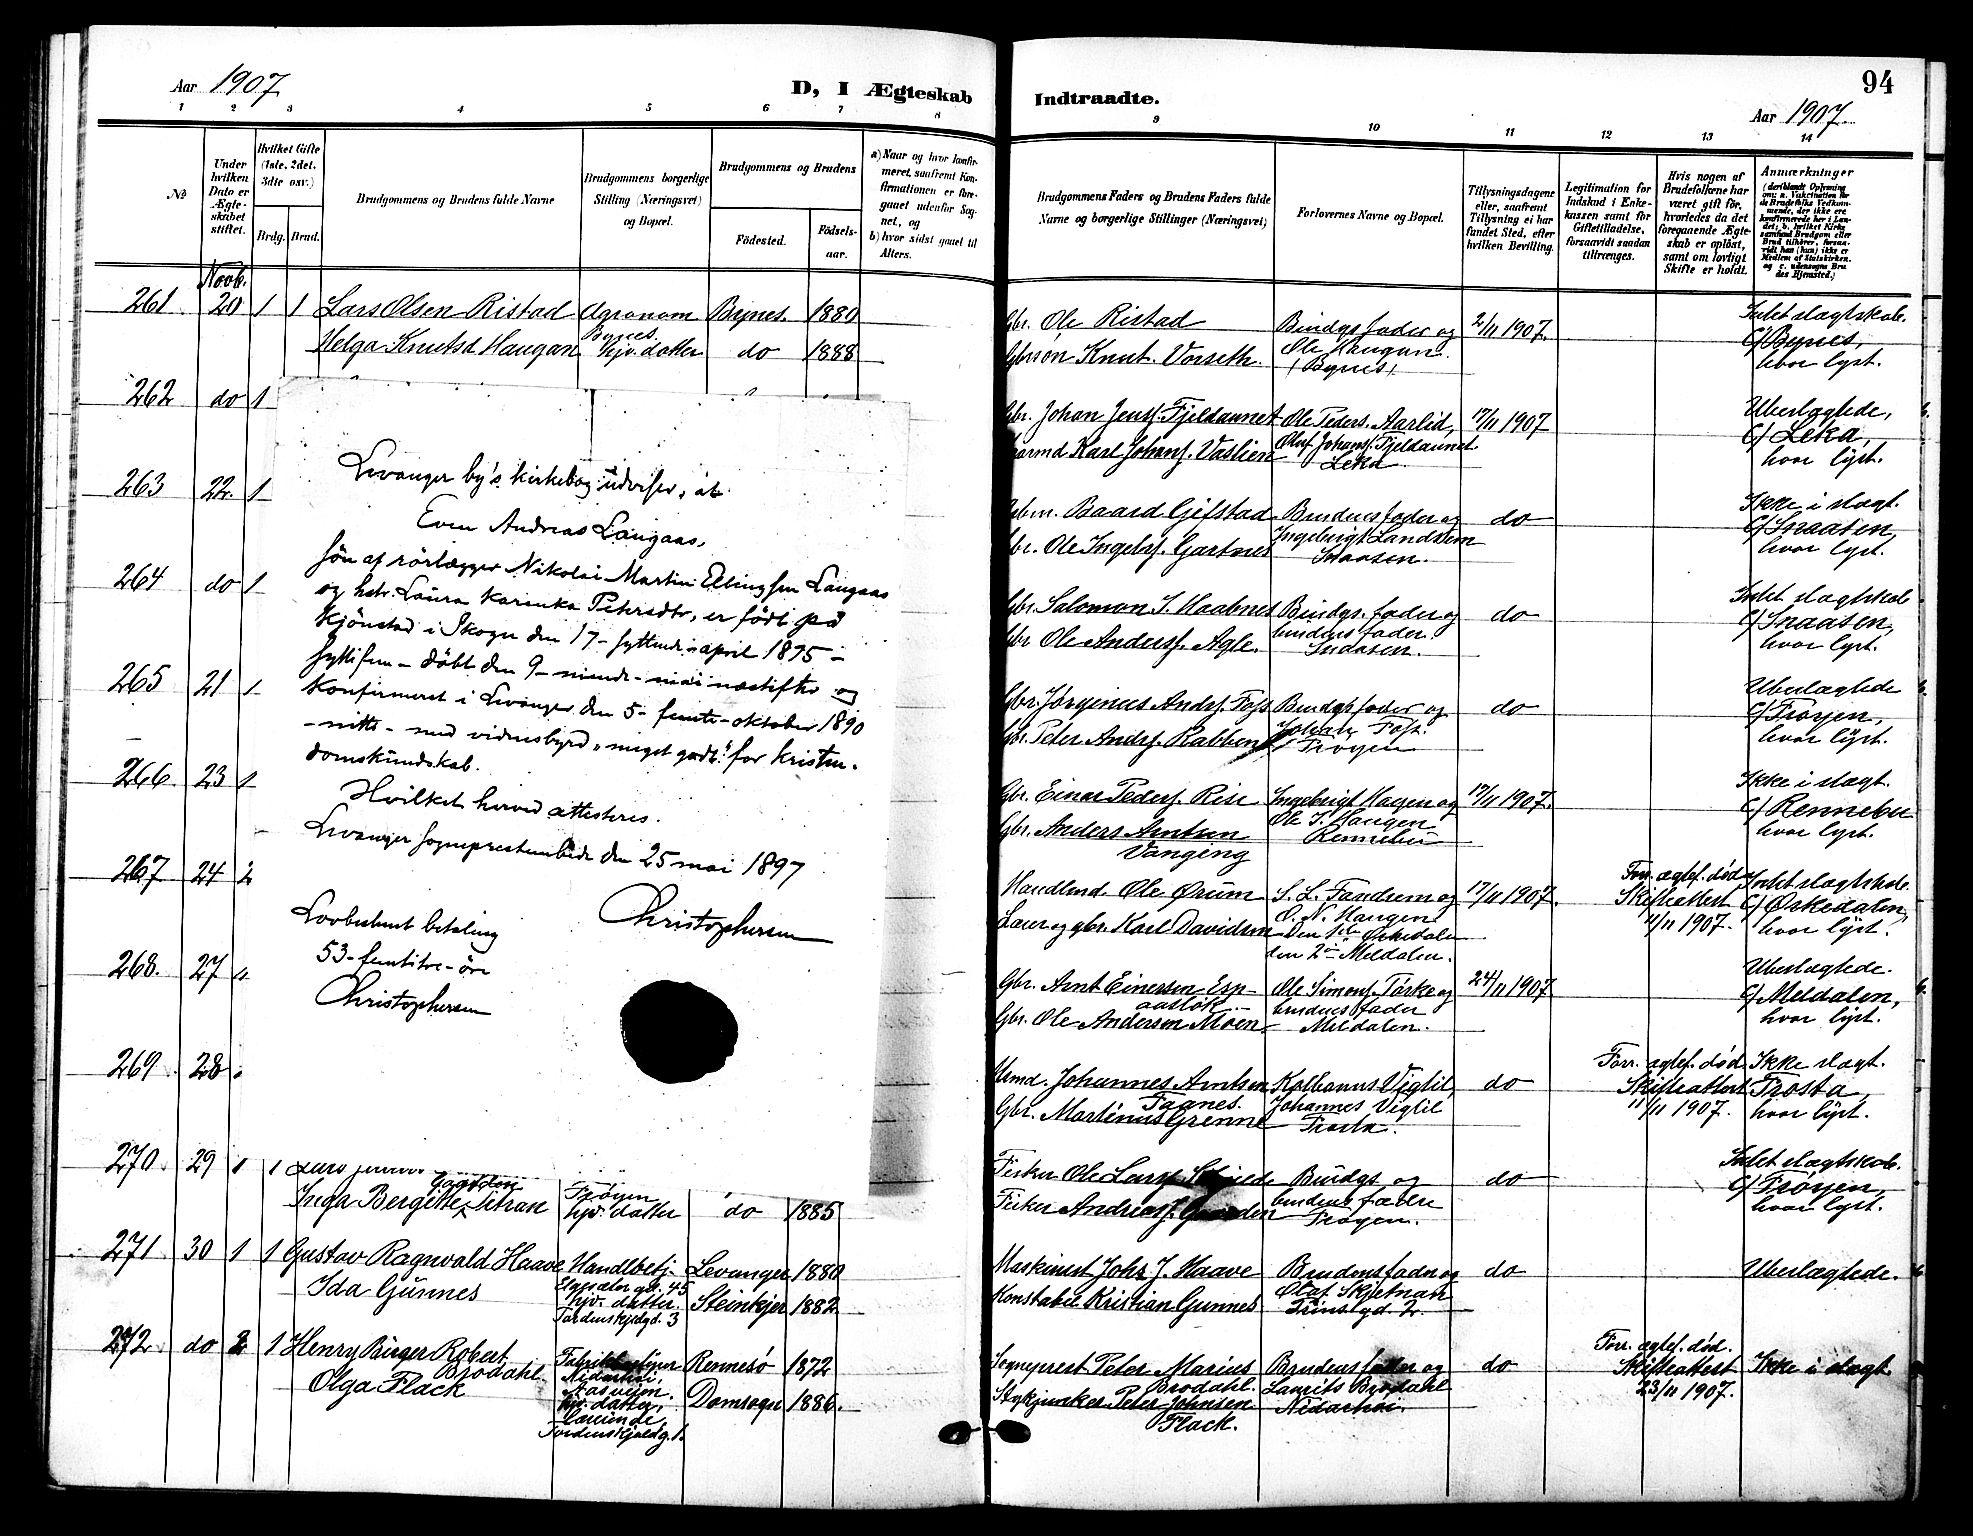 SAT, Ministerialprotokoller, klokkerbøker og fødselsregistre - Sør-Trøndelag, 601/L0095: Klokkerbok nr. 601C13, 1902-1911, s. 94